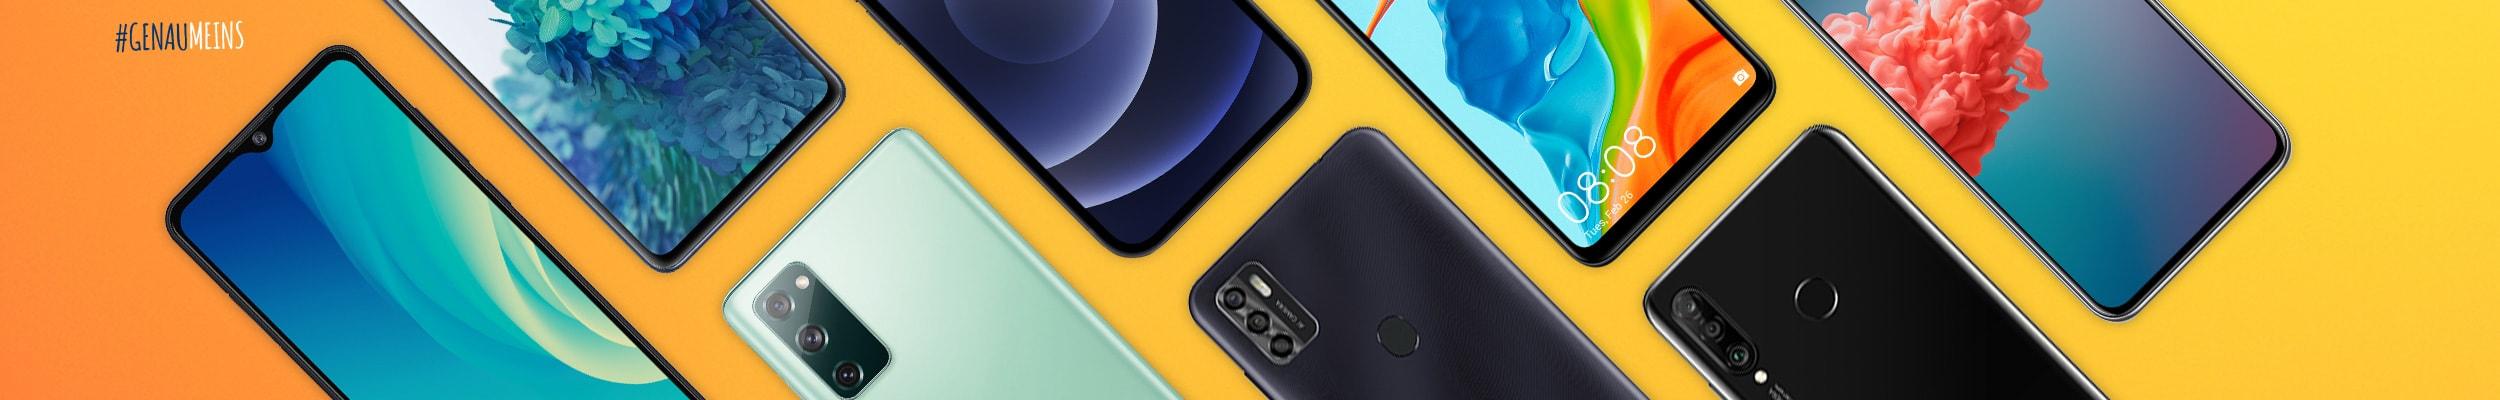 Smartphones bei Hartlauer